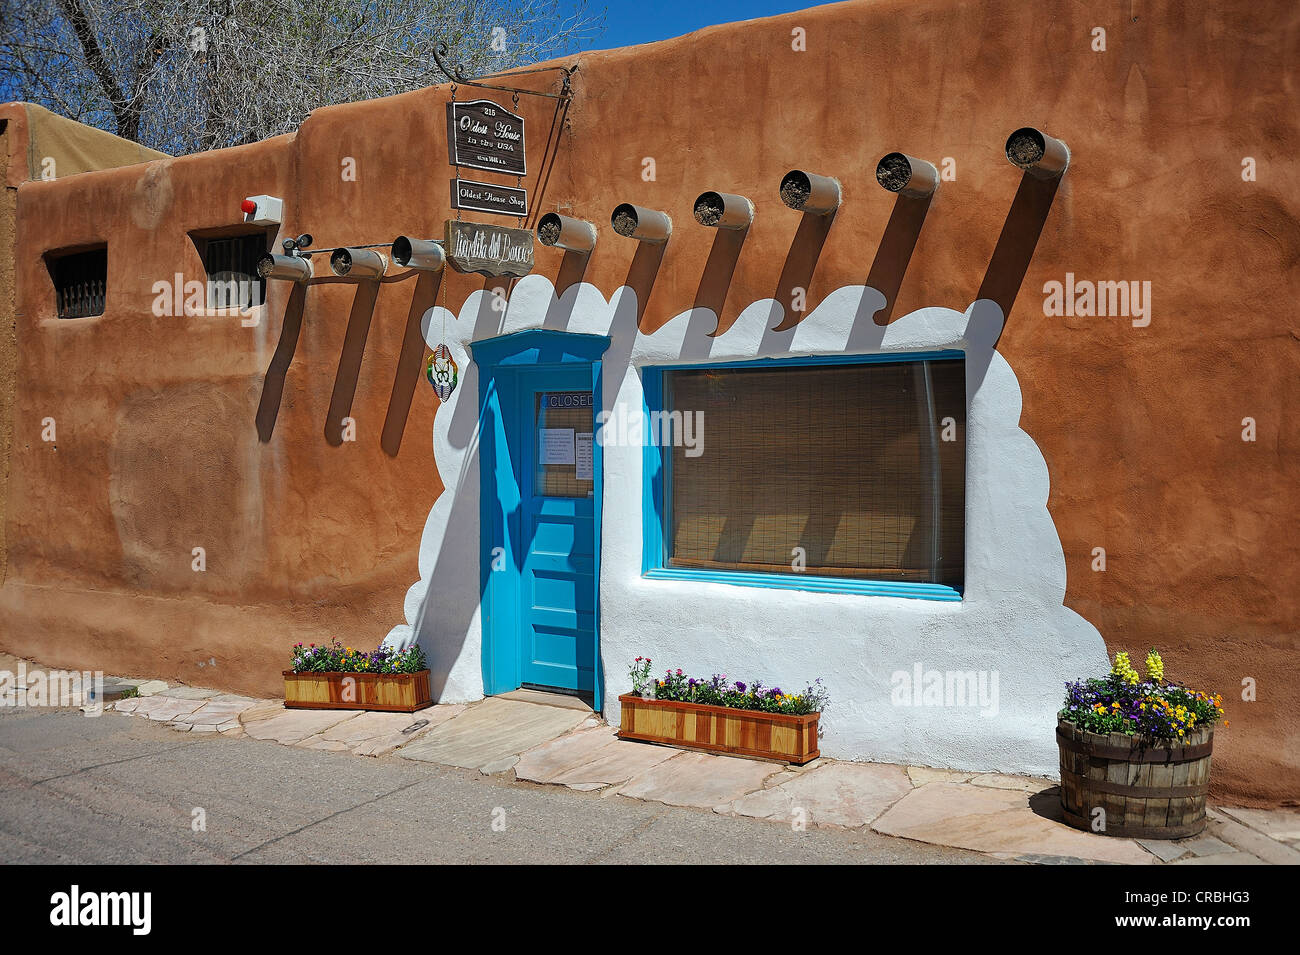 Arquitectura de adobe, Santa Fe, Nuevo México, EE.UU. Imagen De Stock